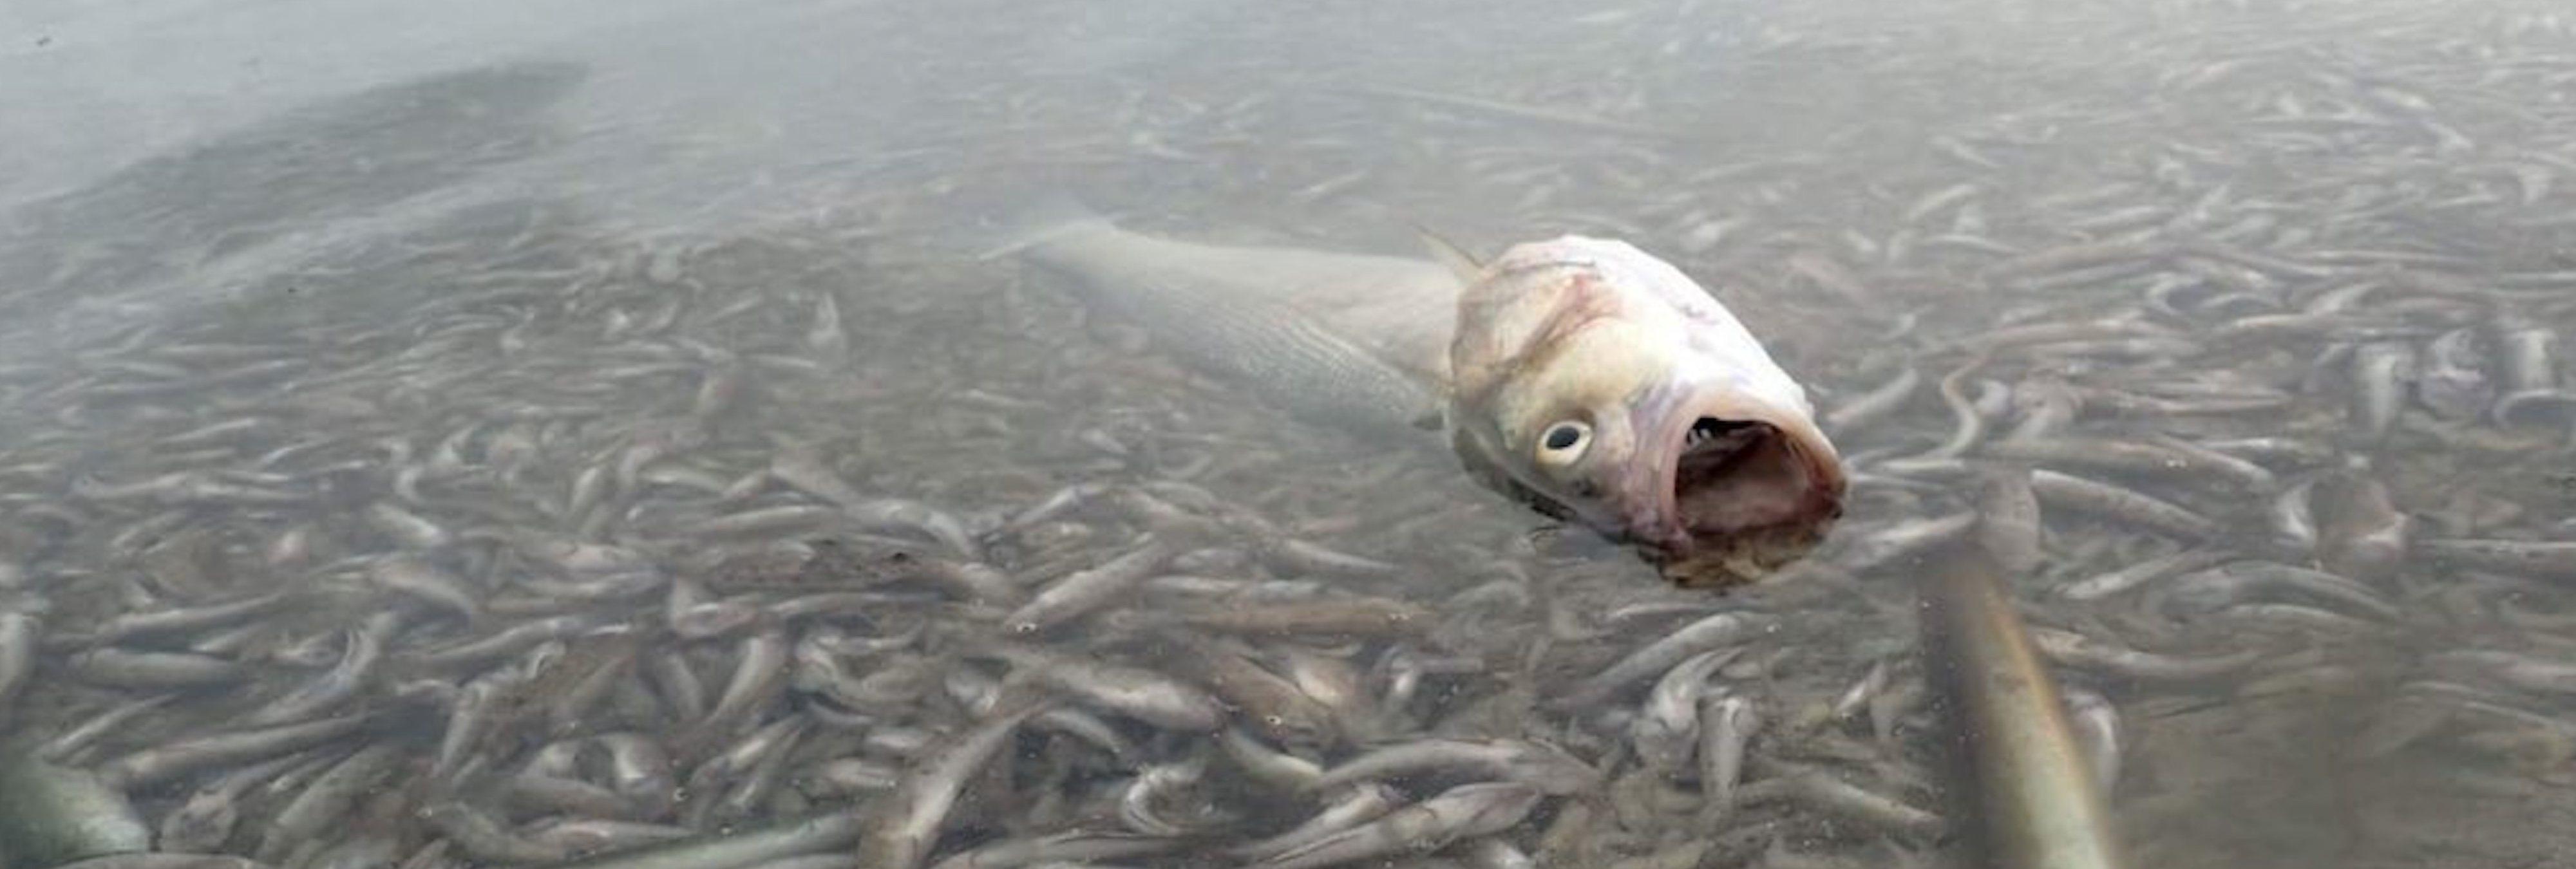 Desastre en Murcia: más de 2.500 kilos de peces y crustáceos muertos en el Mar Menor